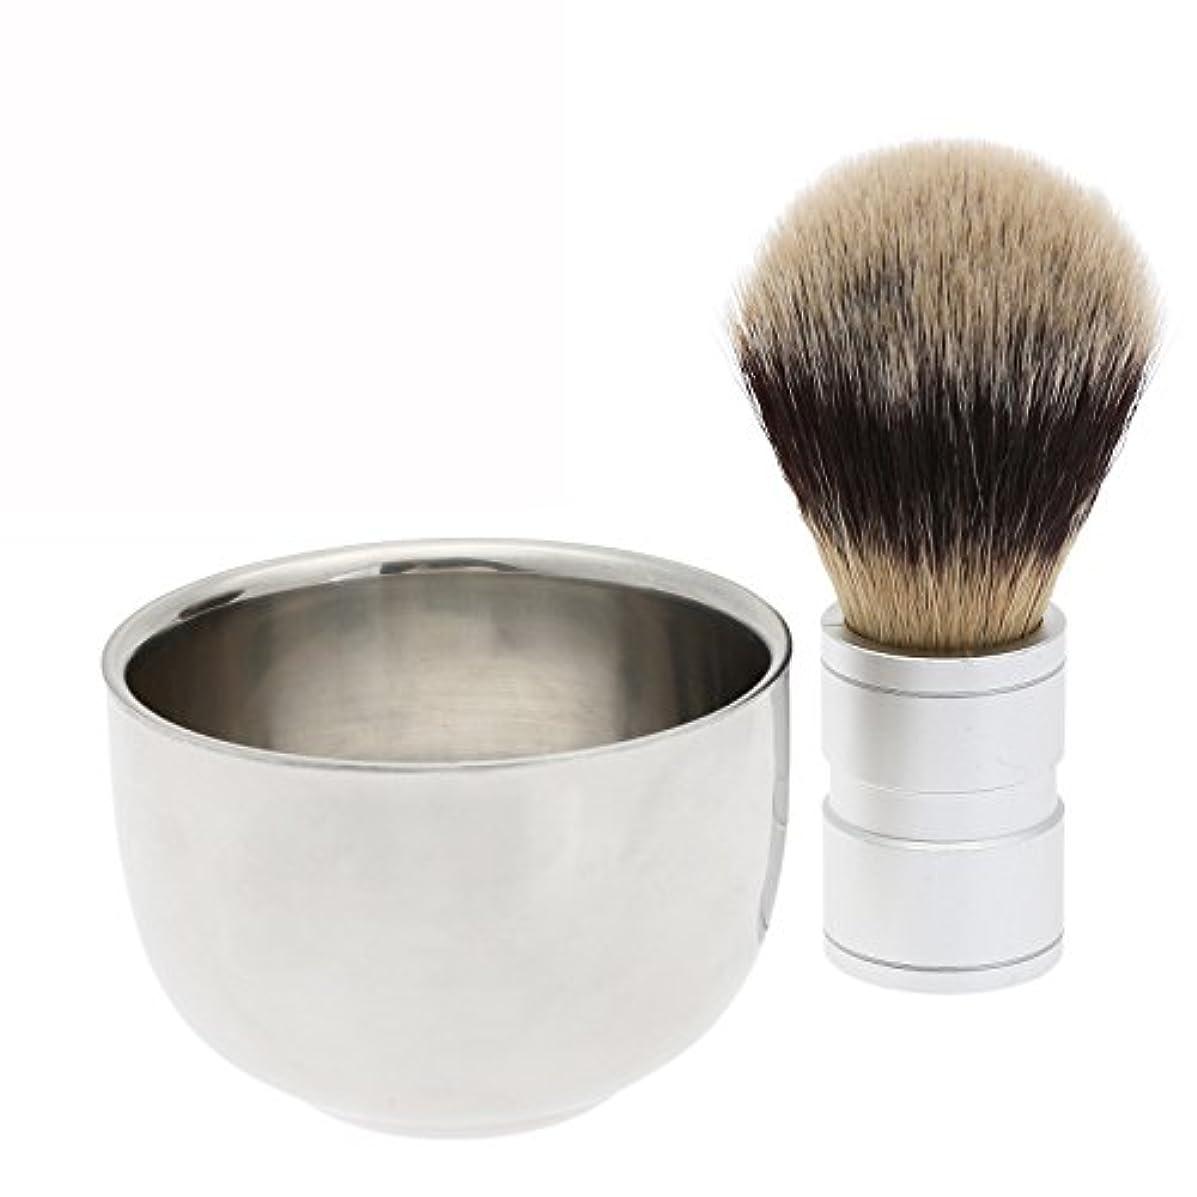 ストッキングうねる地域2PC/セット メンズシェービング用 シェービングブラシ +ステンレス鋼のボウルマグカップ ギフト 理容 洗顔 髭剃り